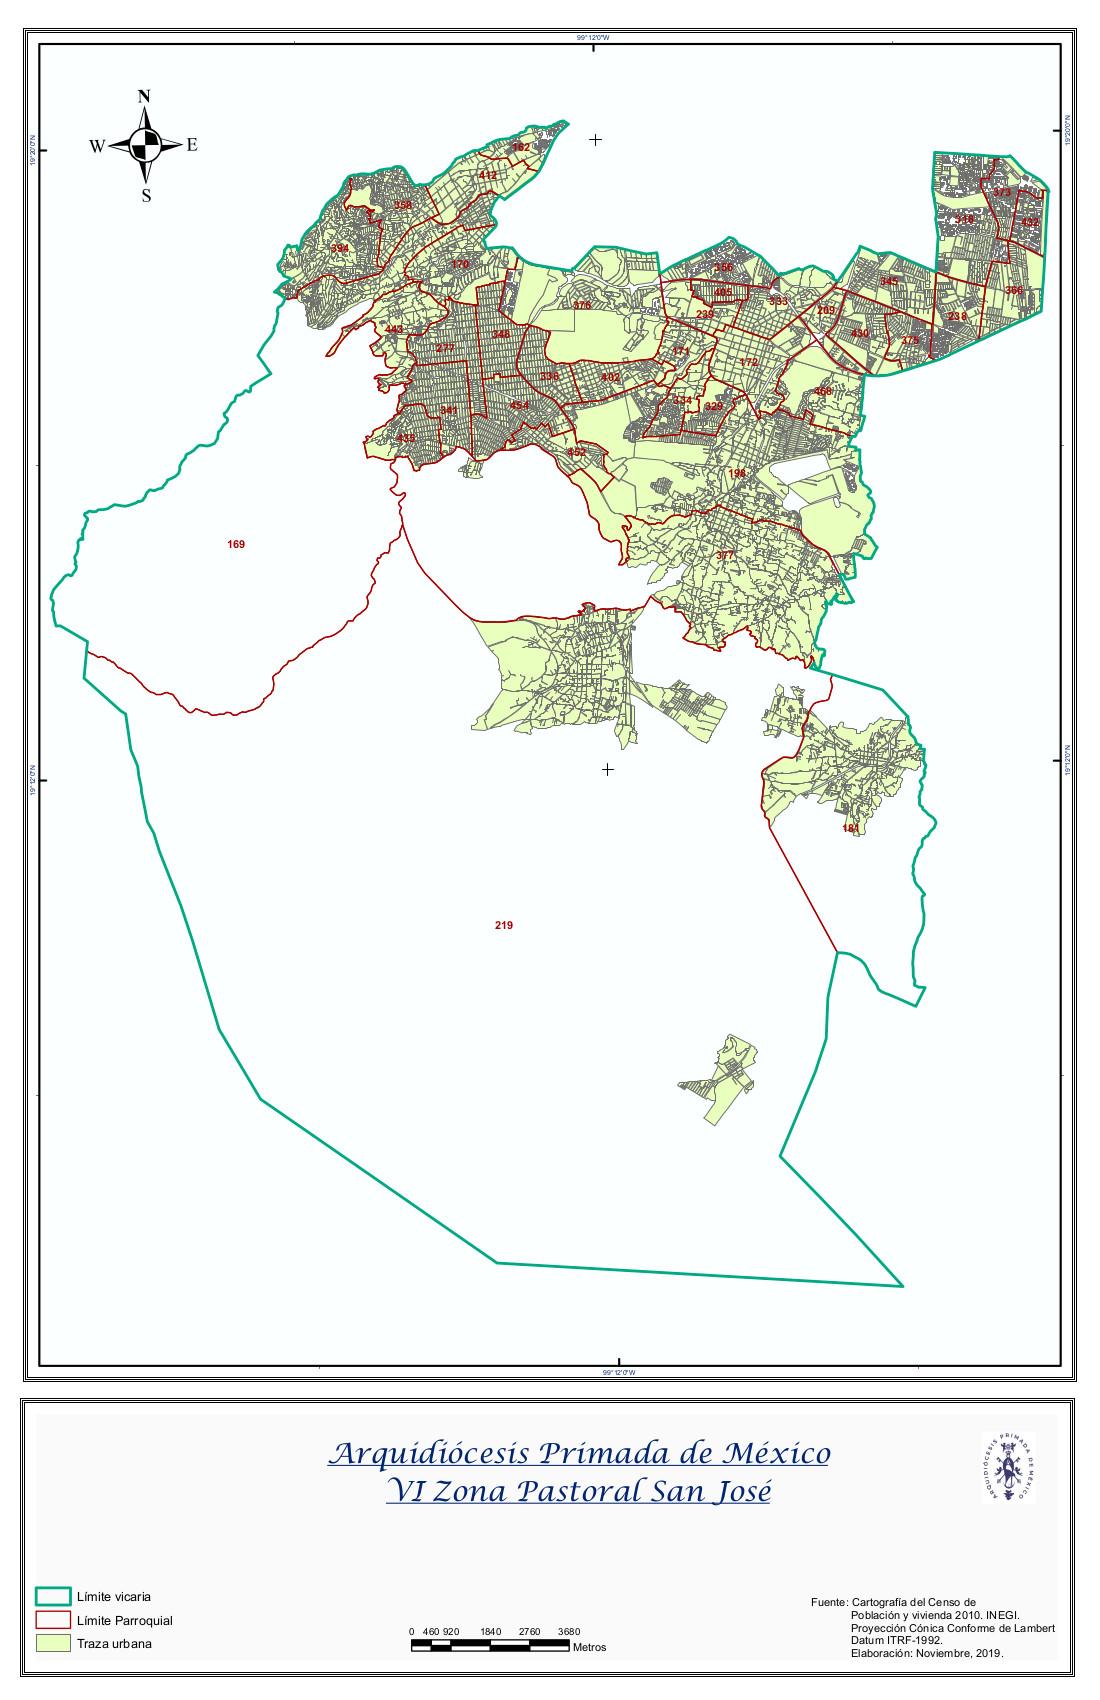 VI Zona Pastoral